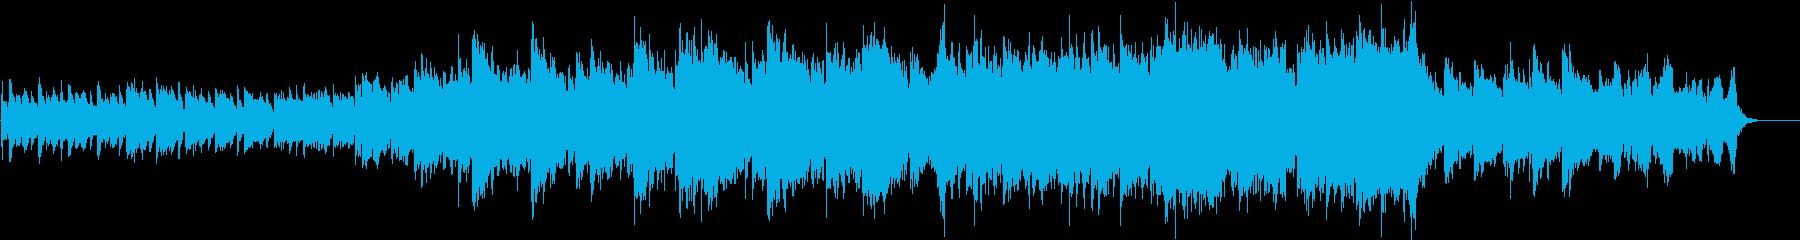 青くて硬いピアノとチェロのチルアウトの再生済みの波形